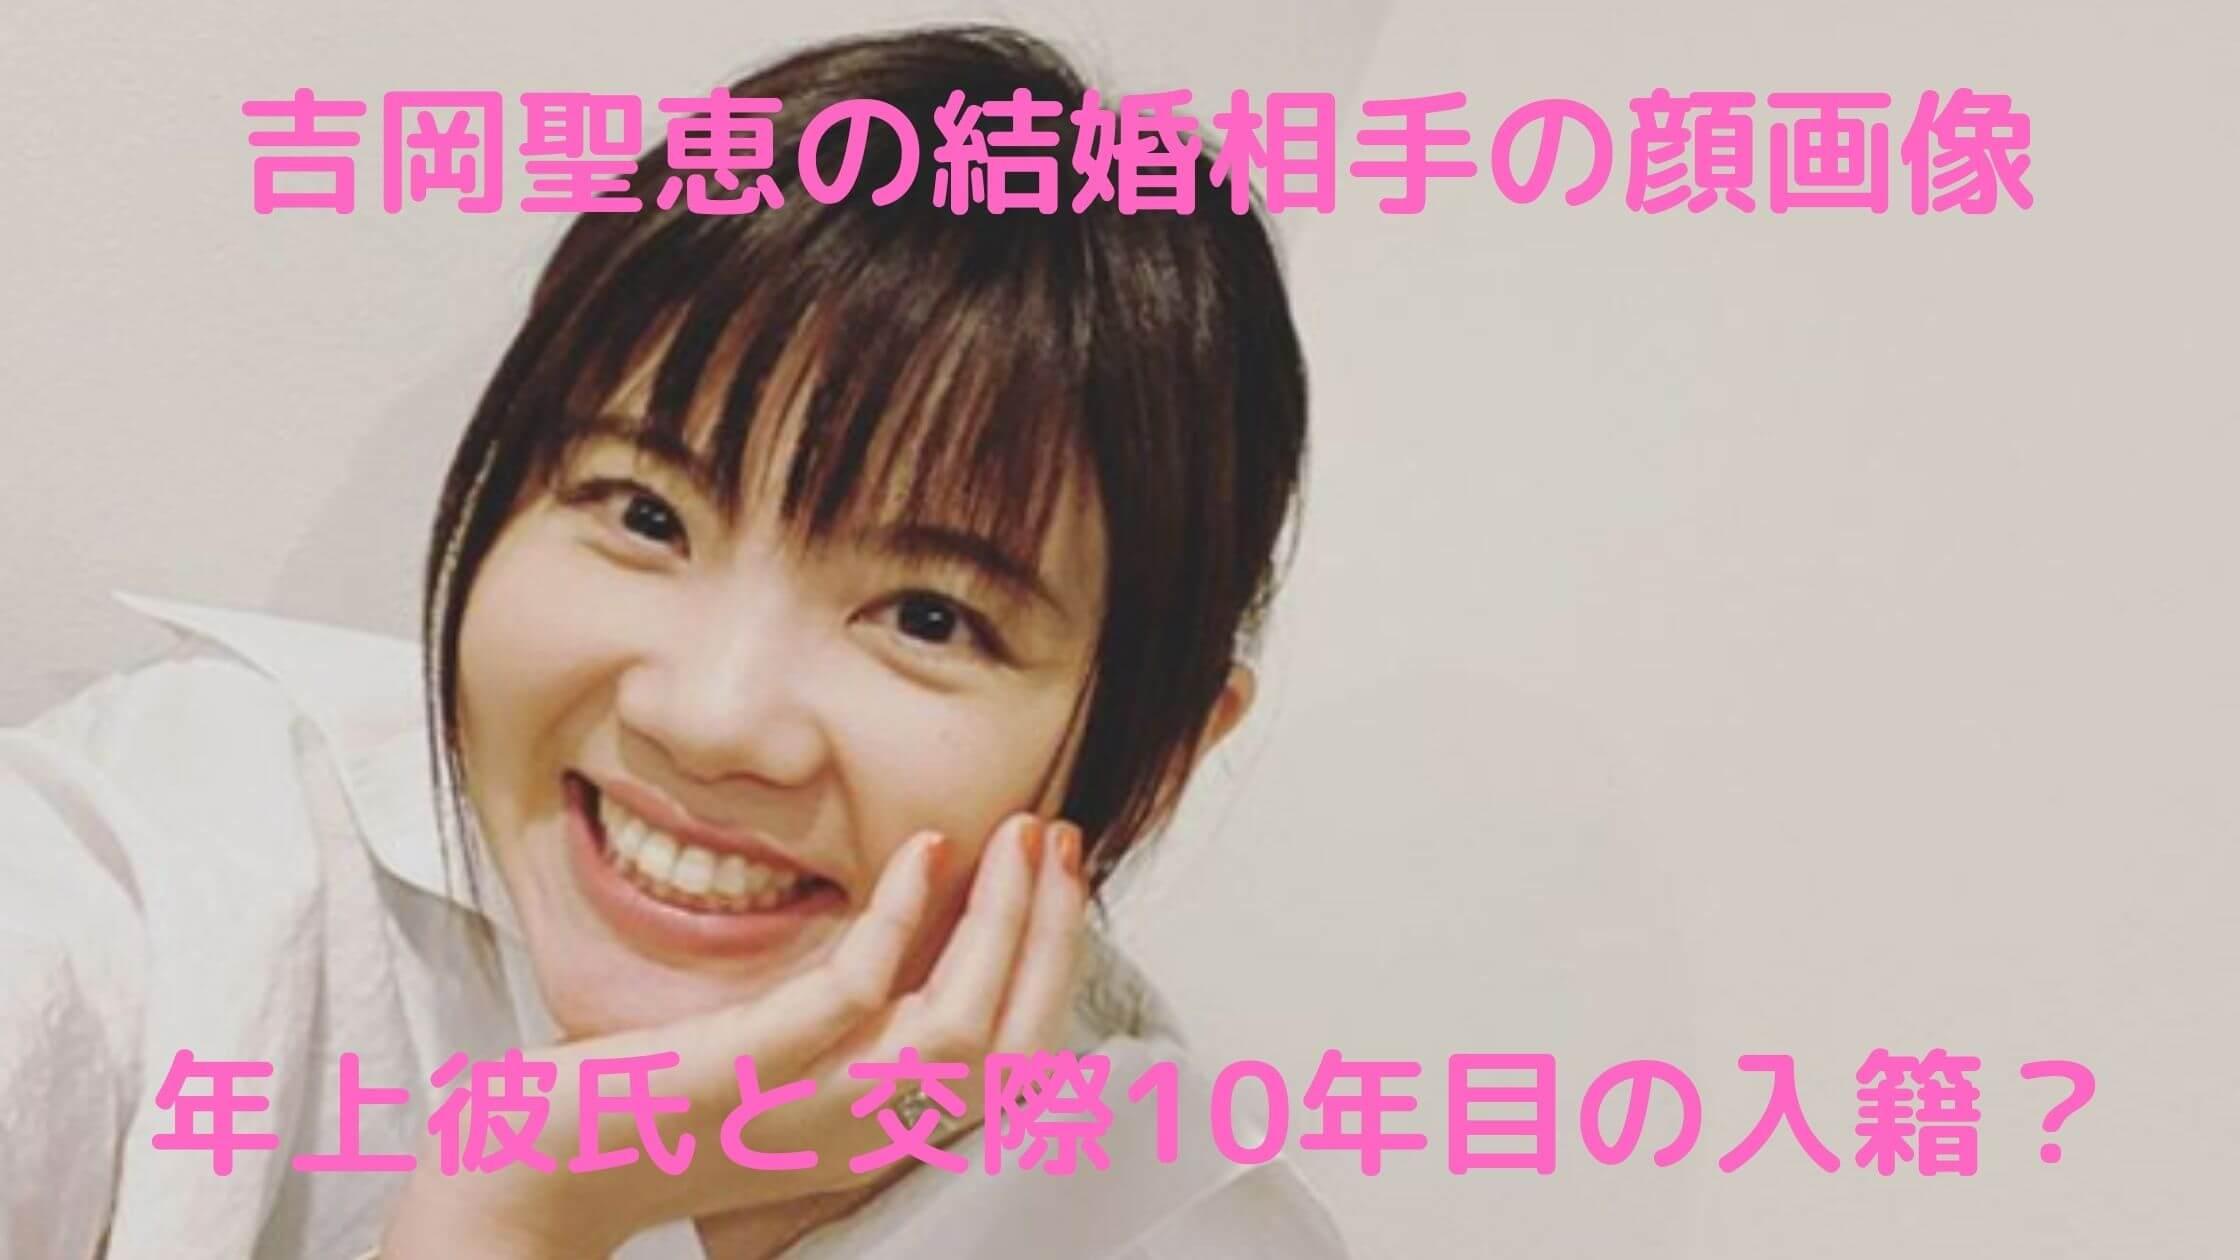 吉岡聖恵 結婚相手 顔画像